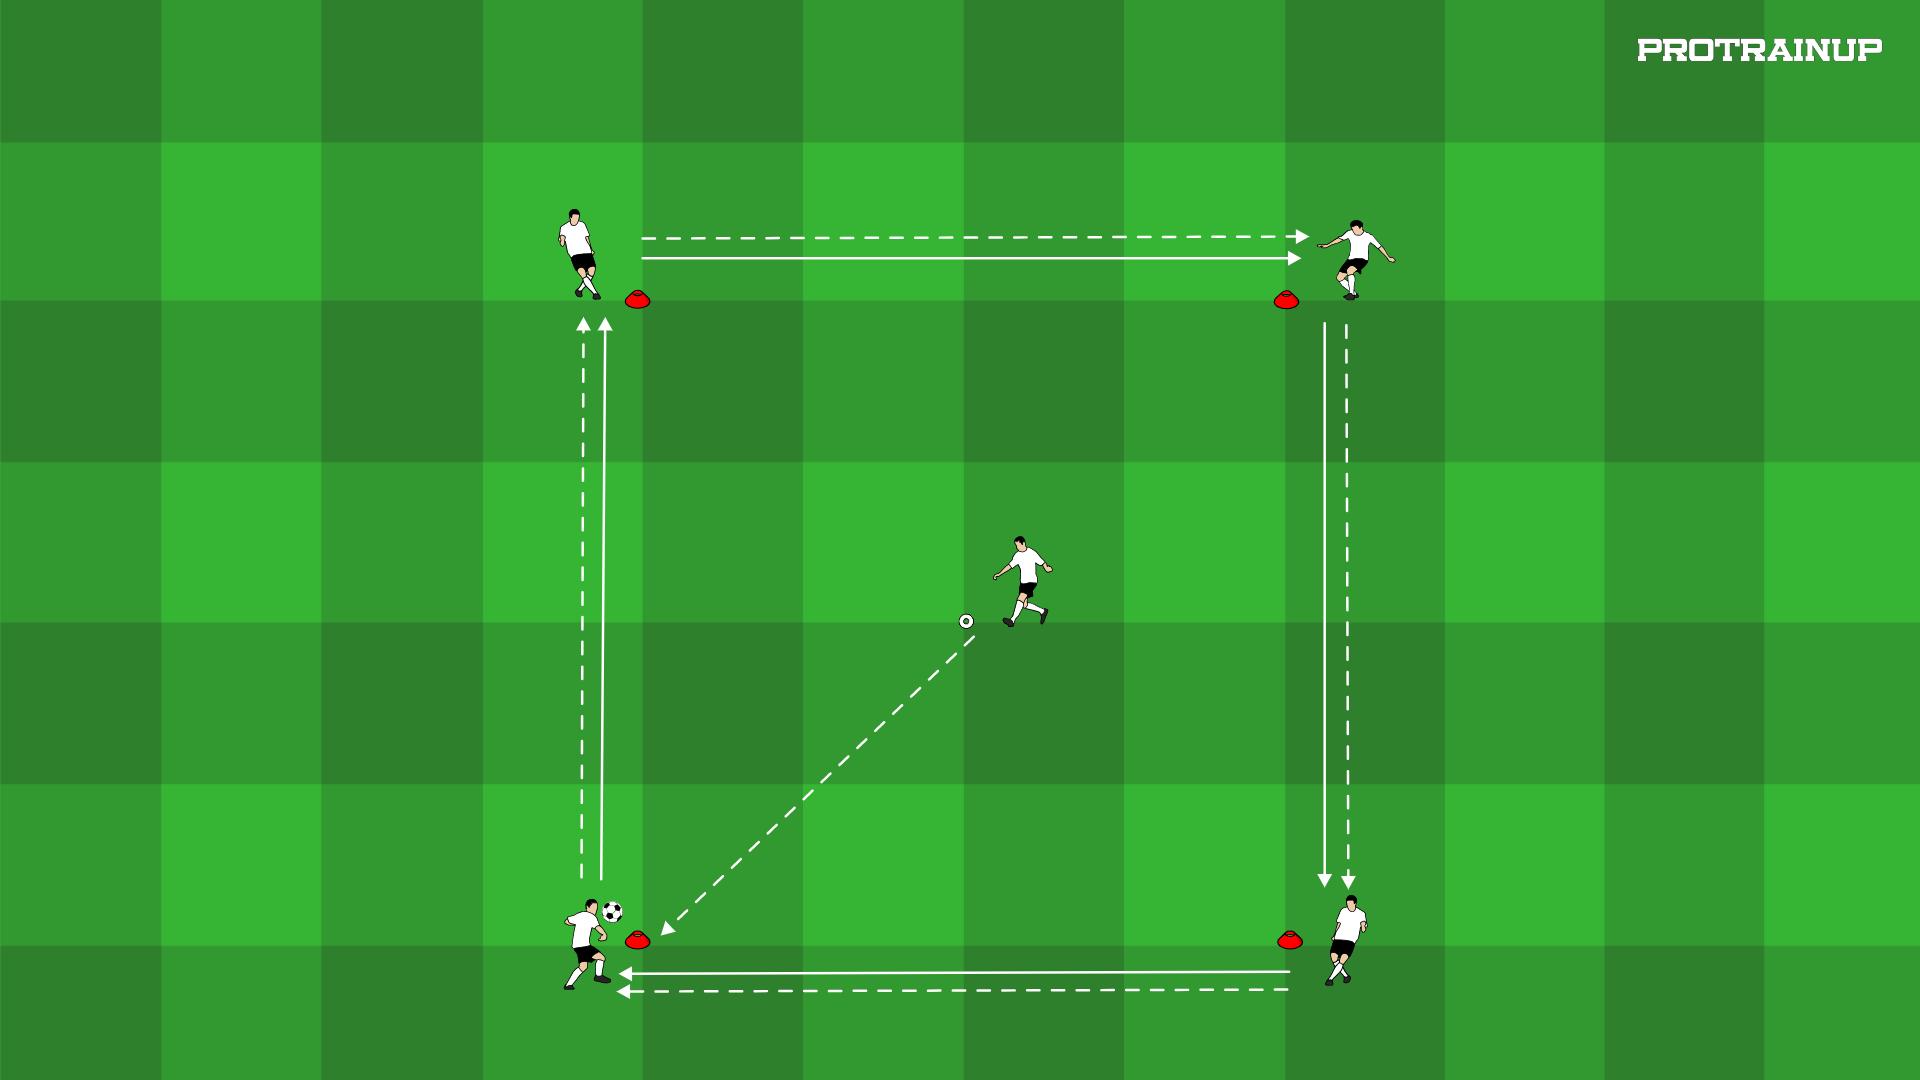 Ćwiczenie podań w trójkącie i w kwadracie